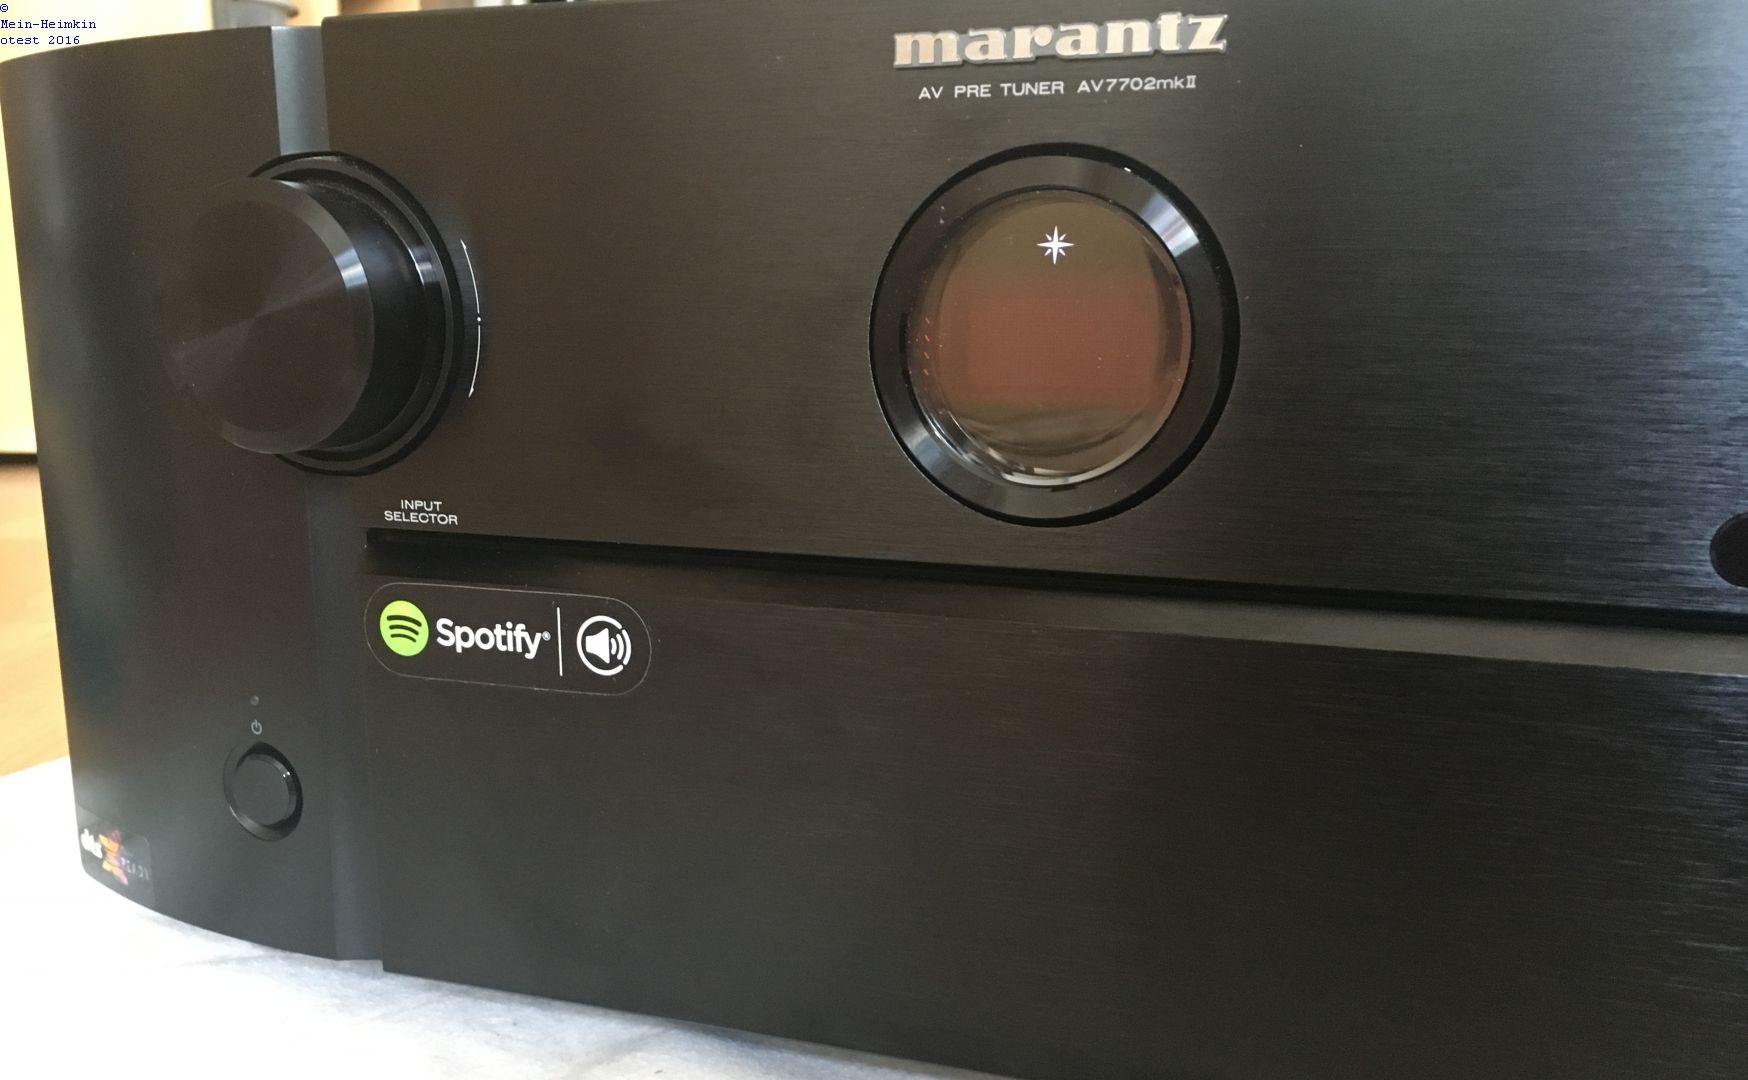 Marantz AV7702 MKII037